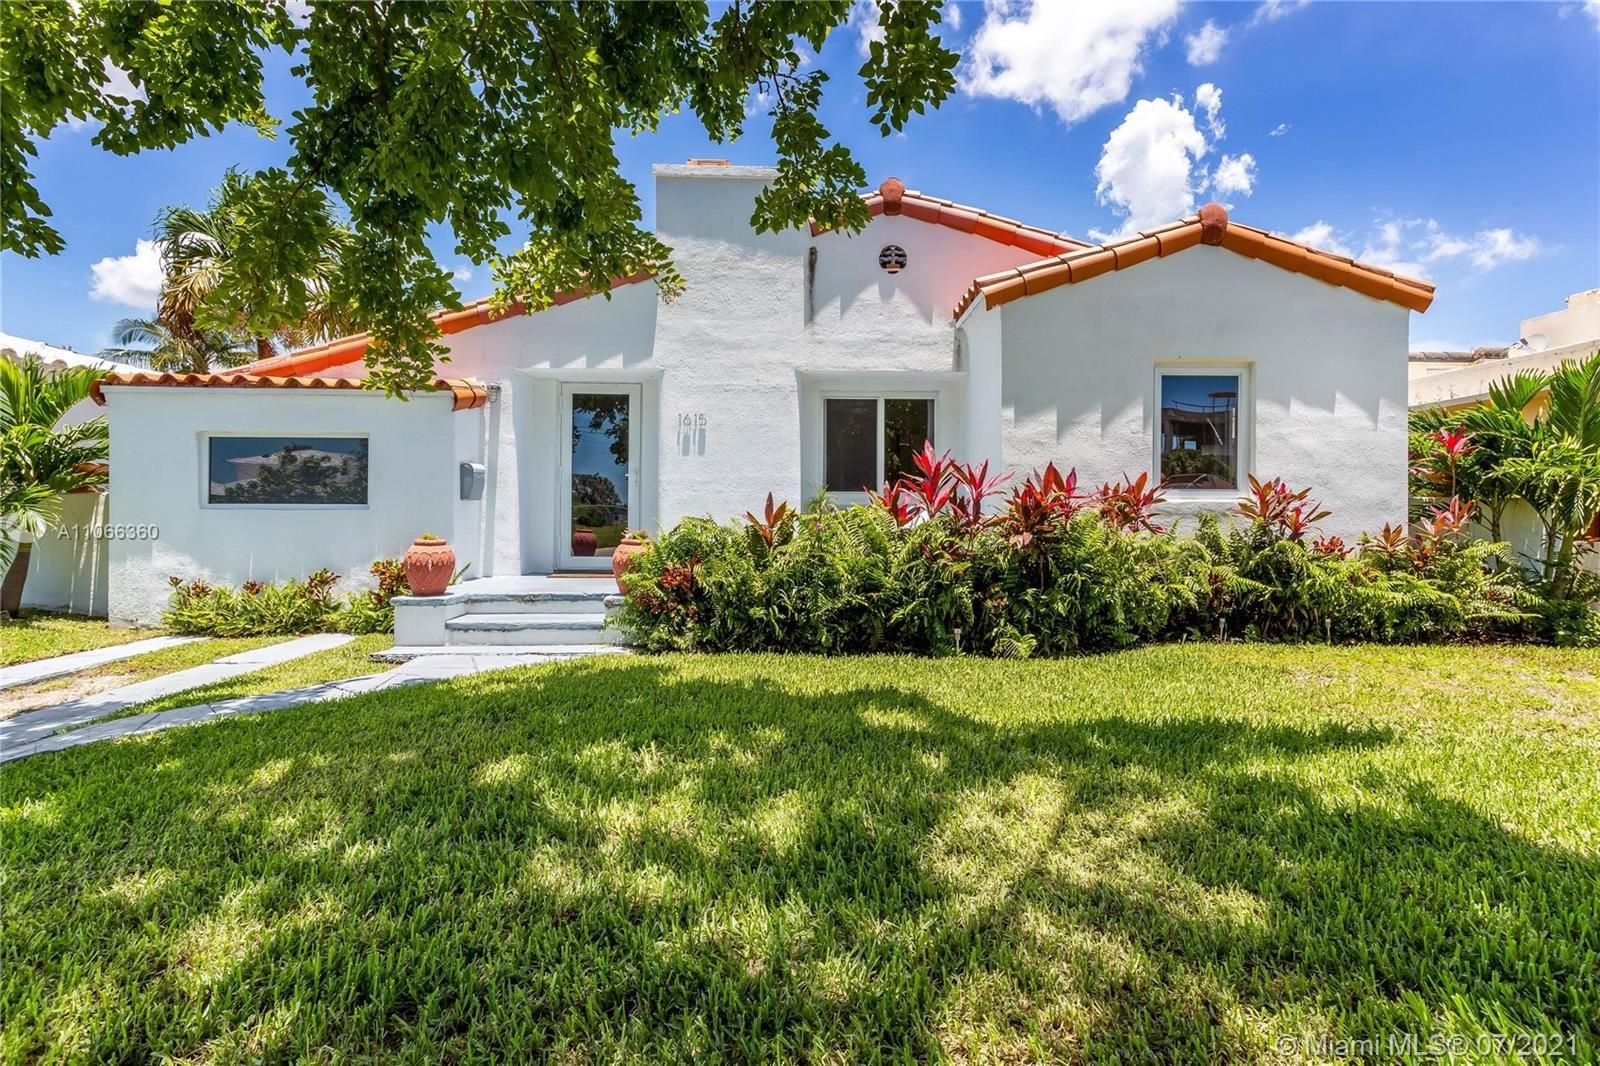 Photo of 1615 Bay Dr, Miami Beach, FL 33141 (MLS # A11066360)